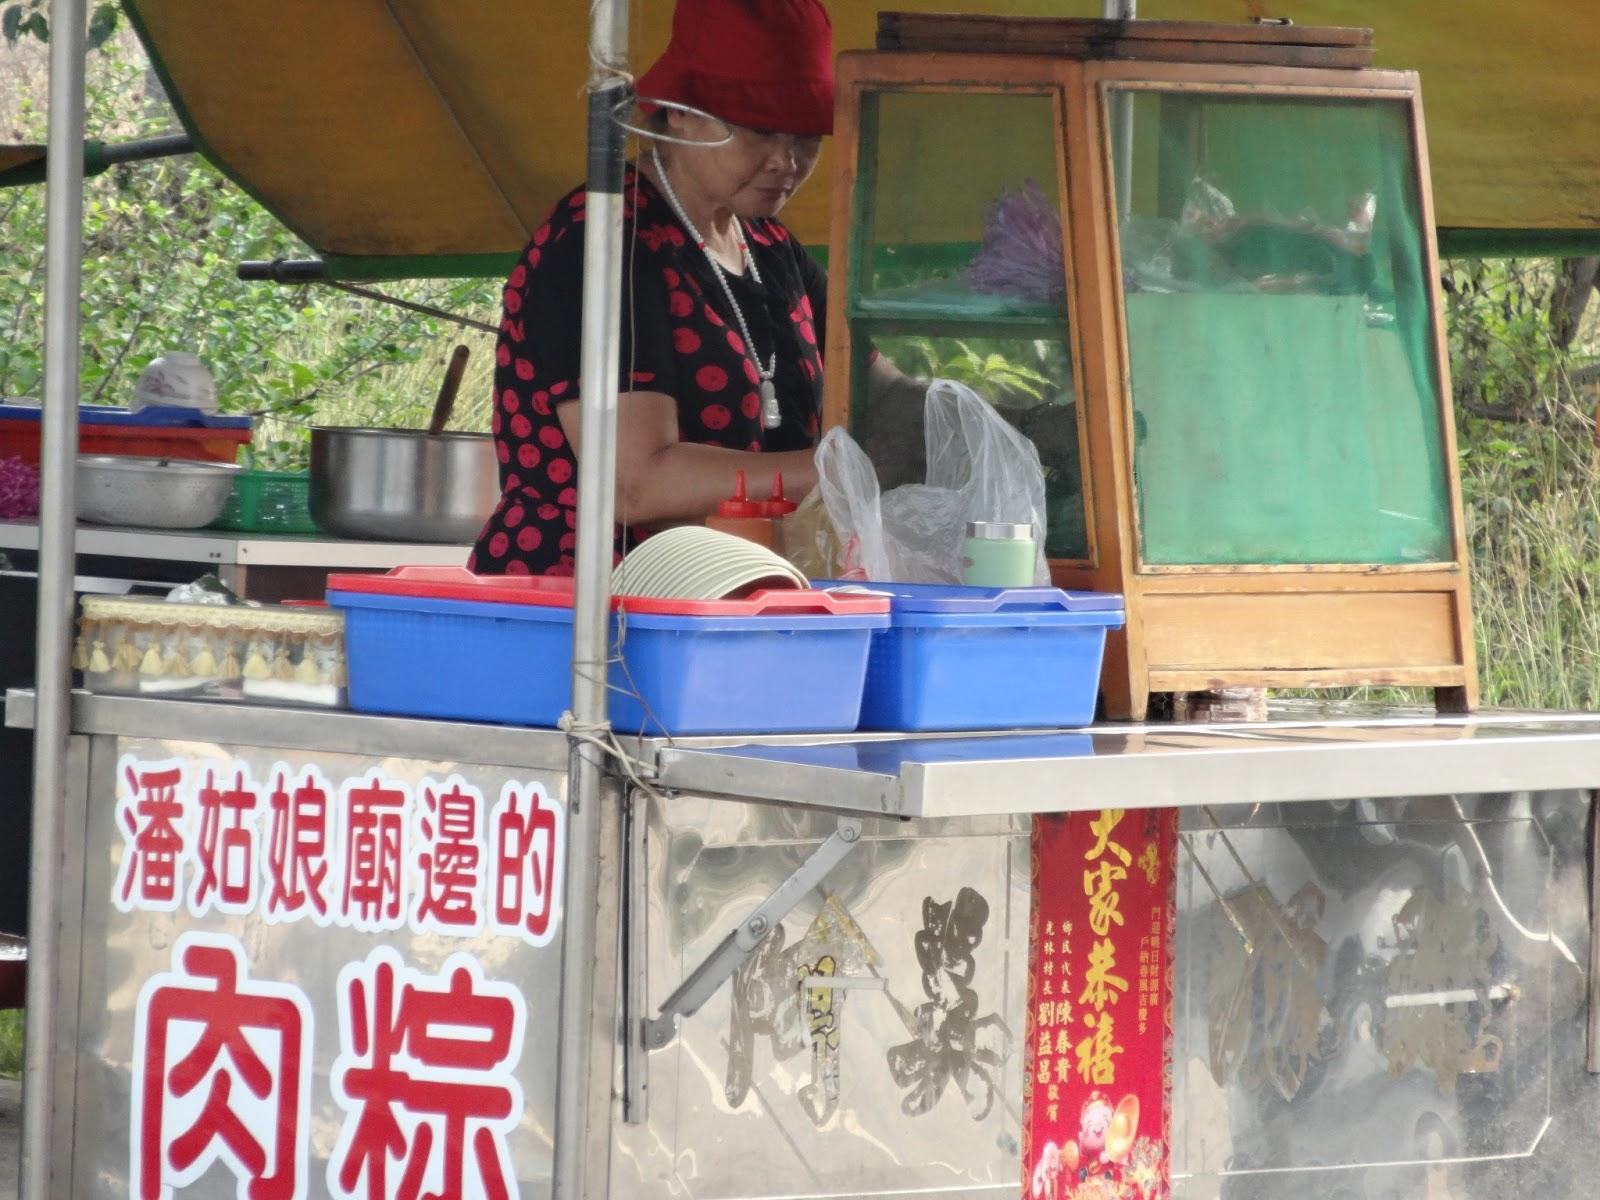 「林邊潘姑娘肉粽」的圖片搜尋結果